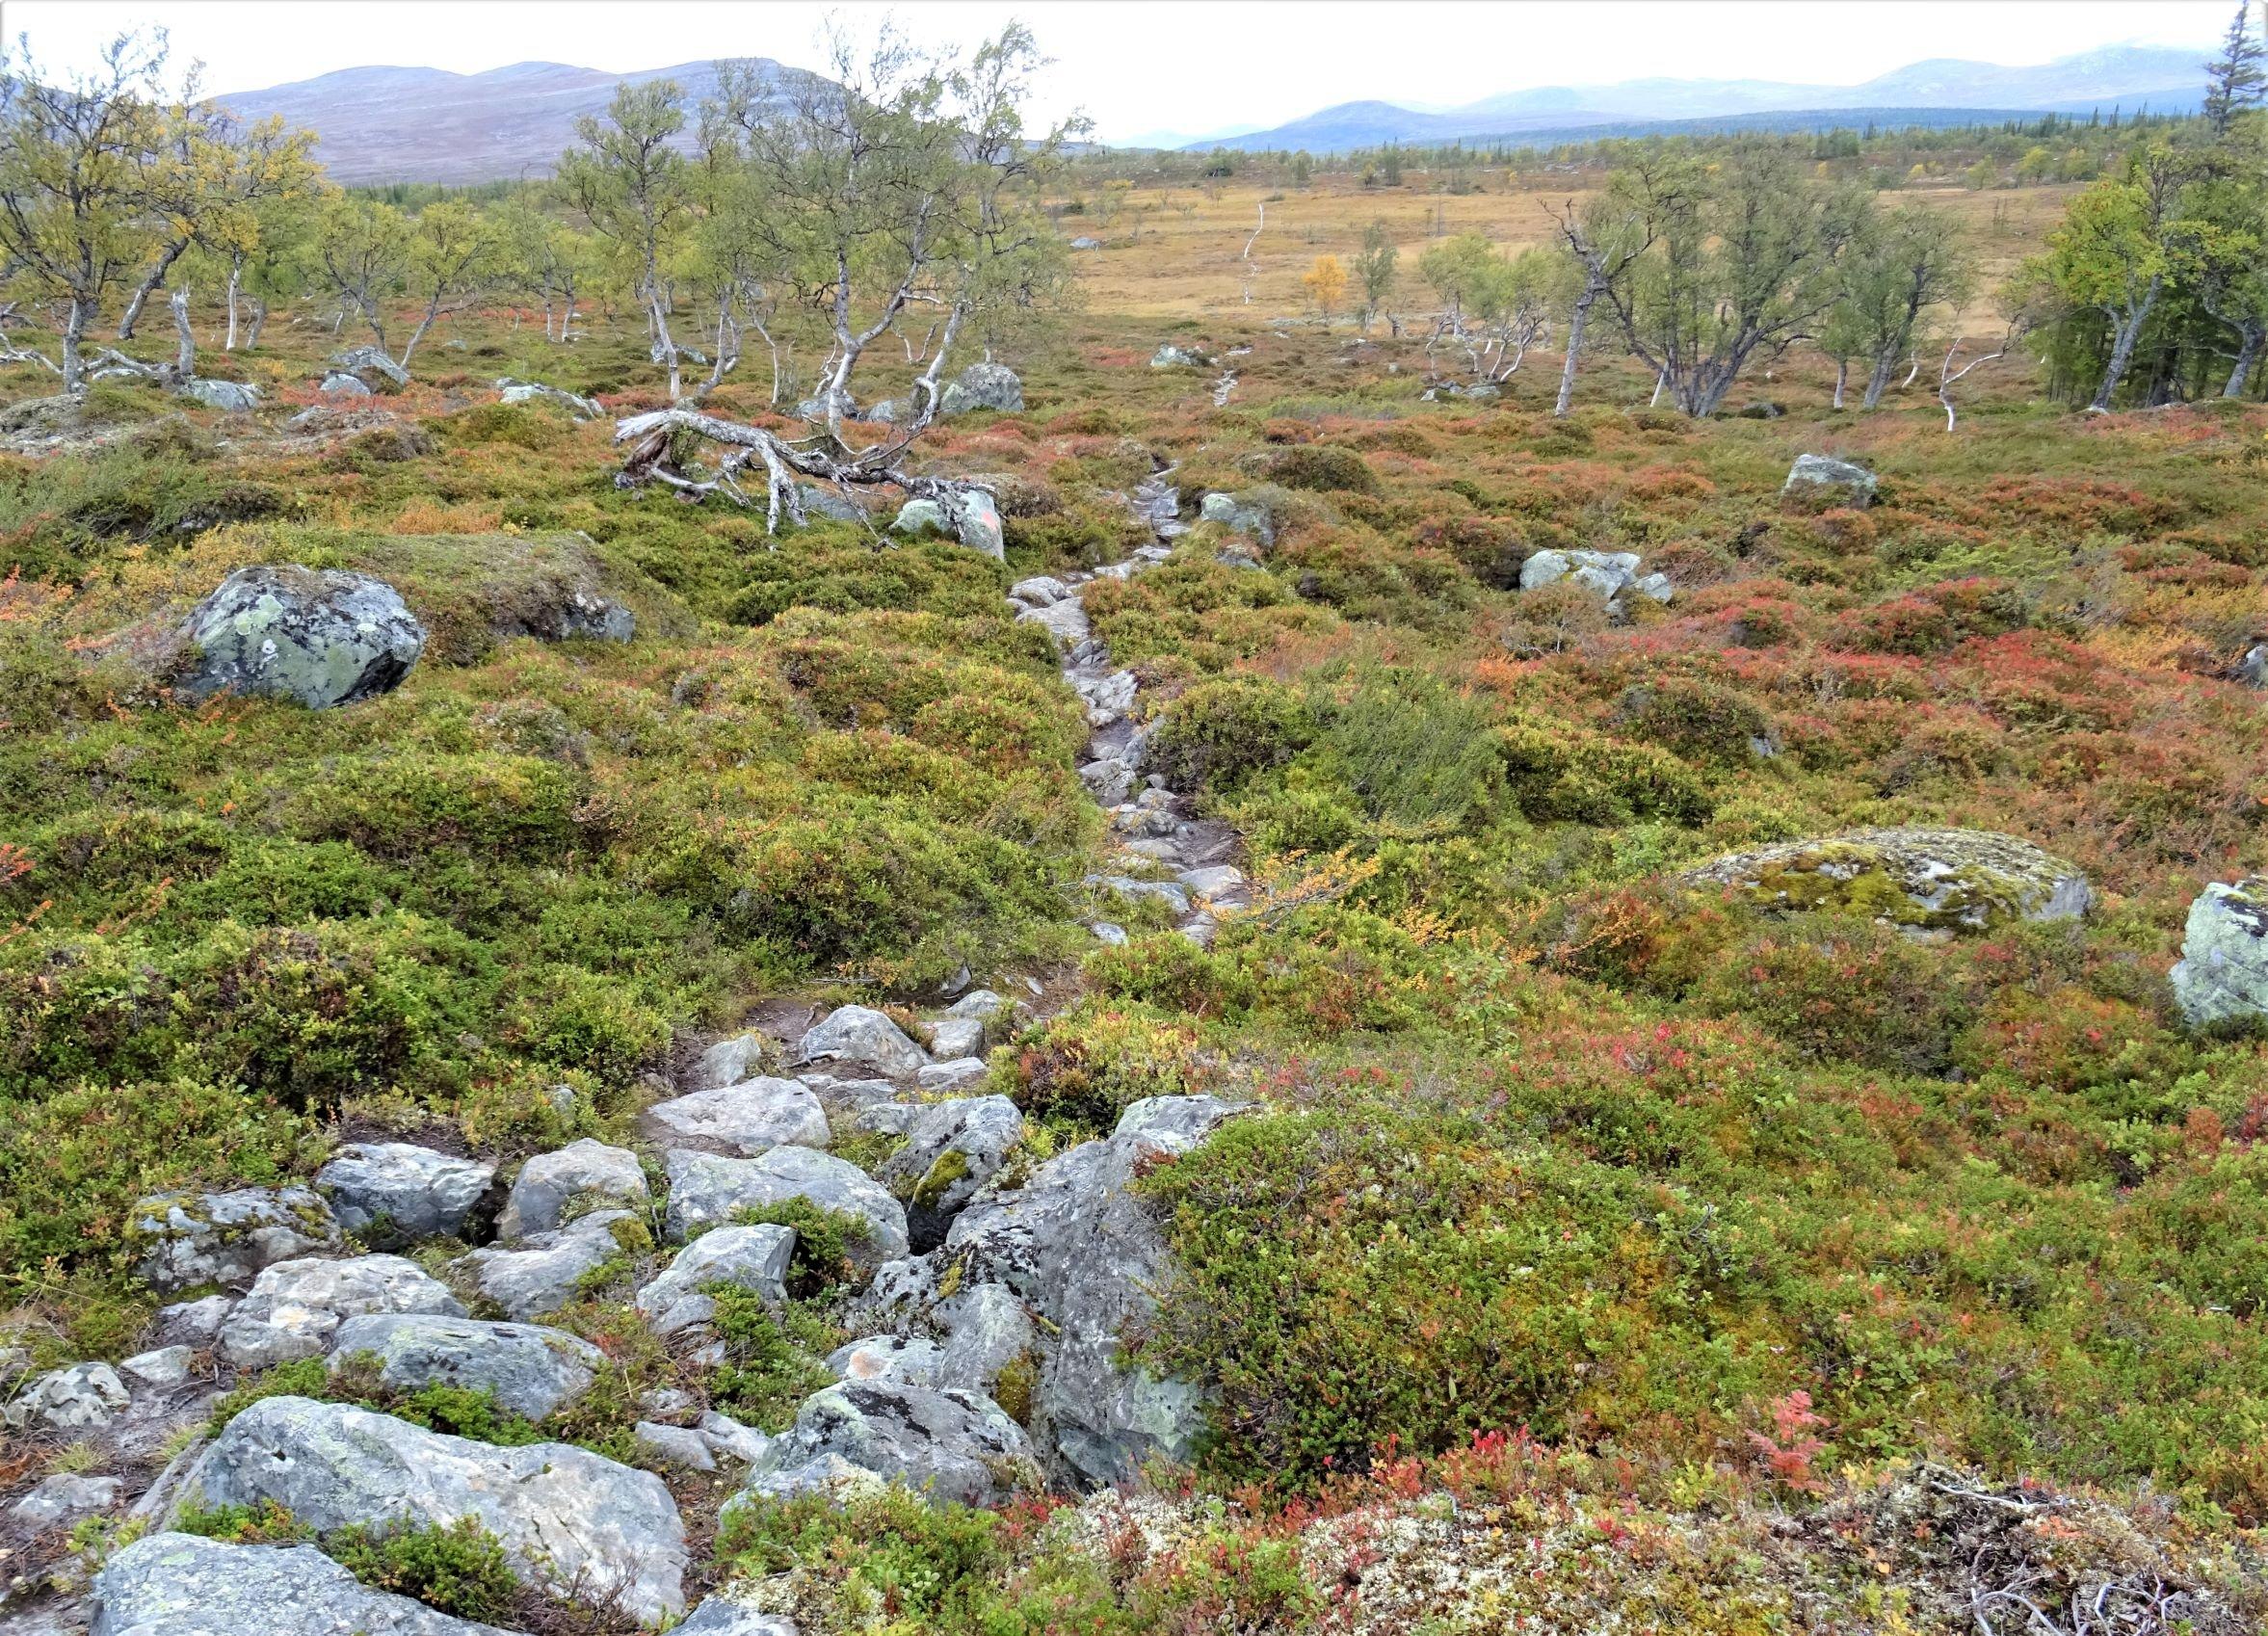 Typischer Wanderweg im Fjäll mit großen Felsbrocken